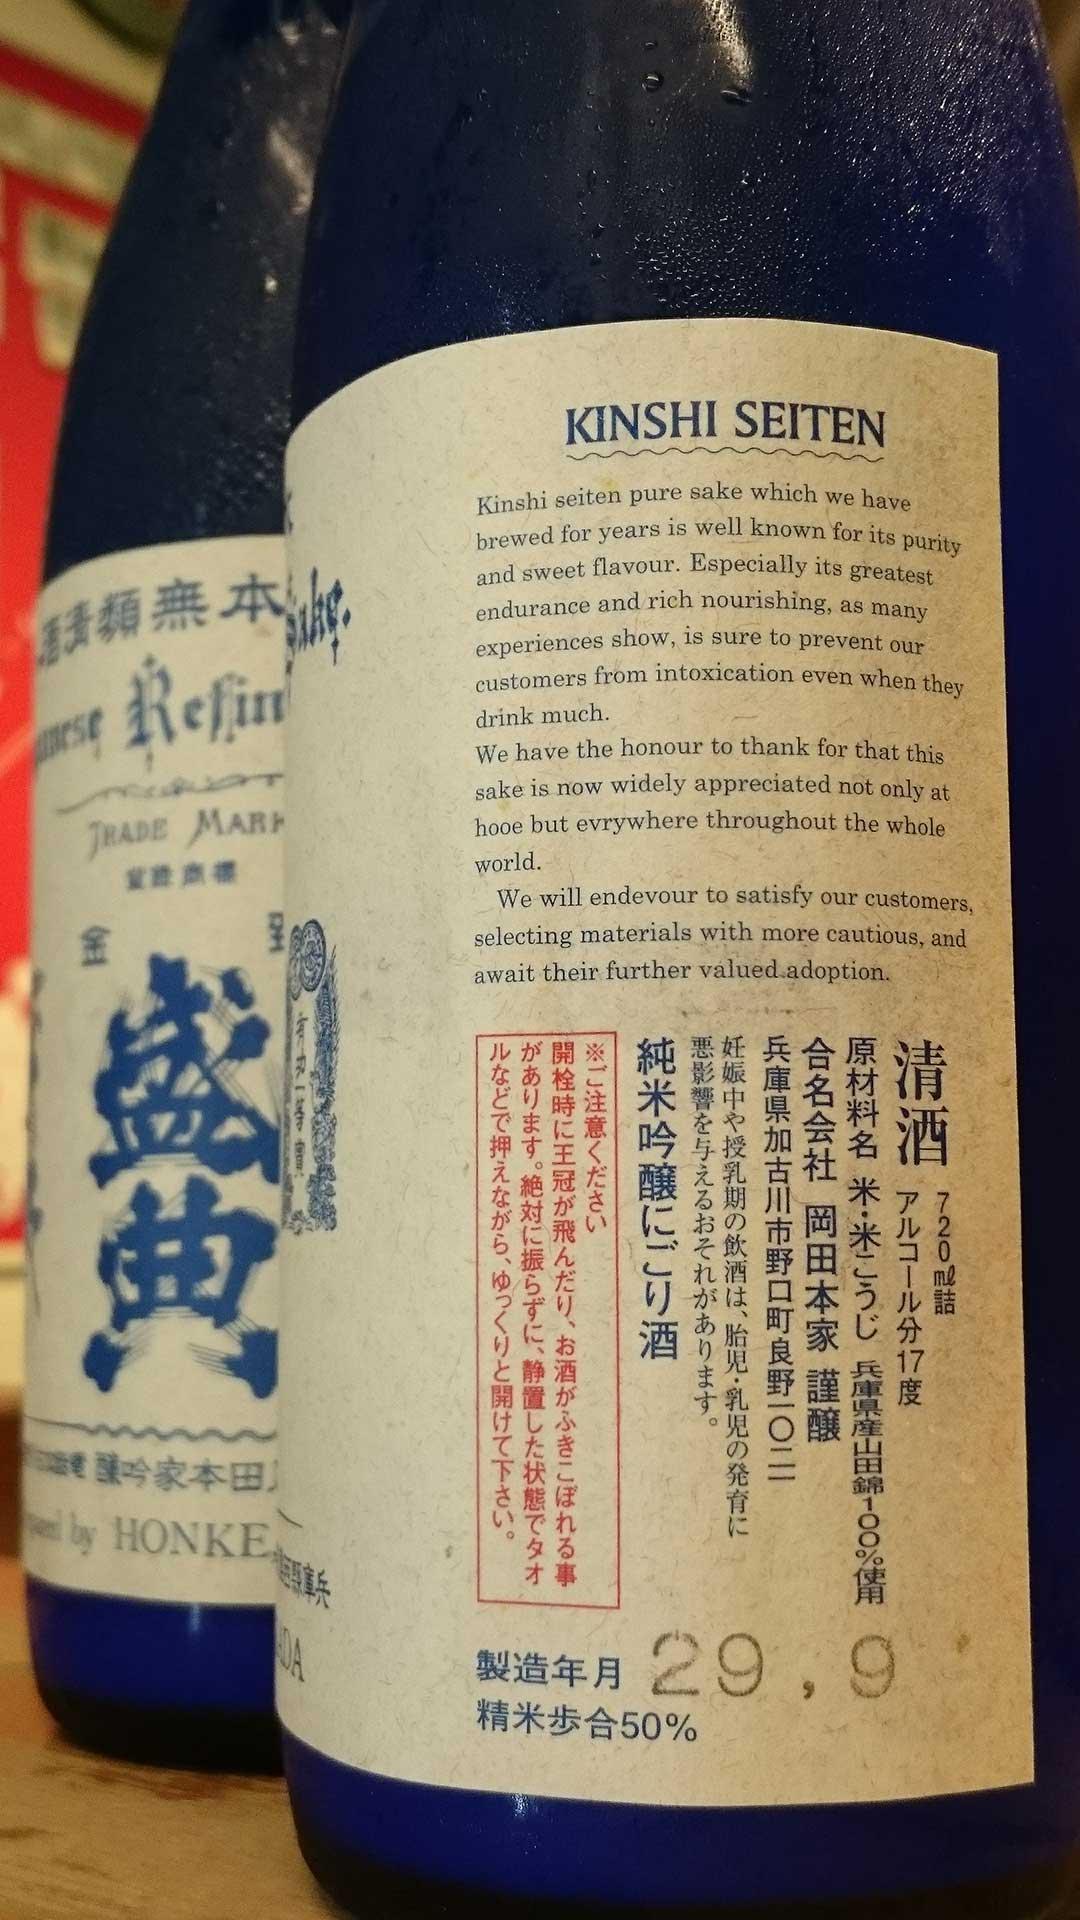 金鵄盛典 純米吟醸 にごり酒